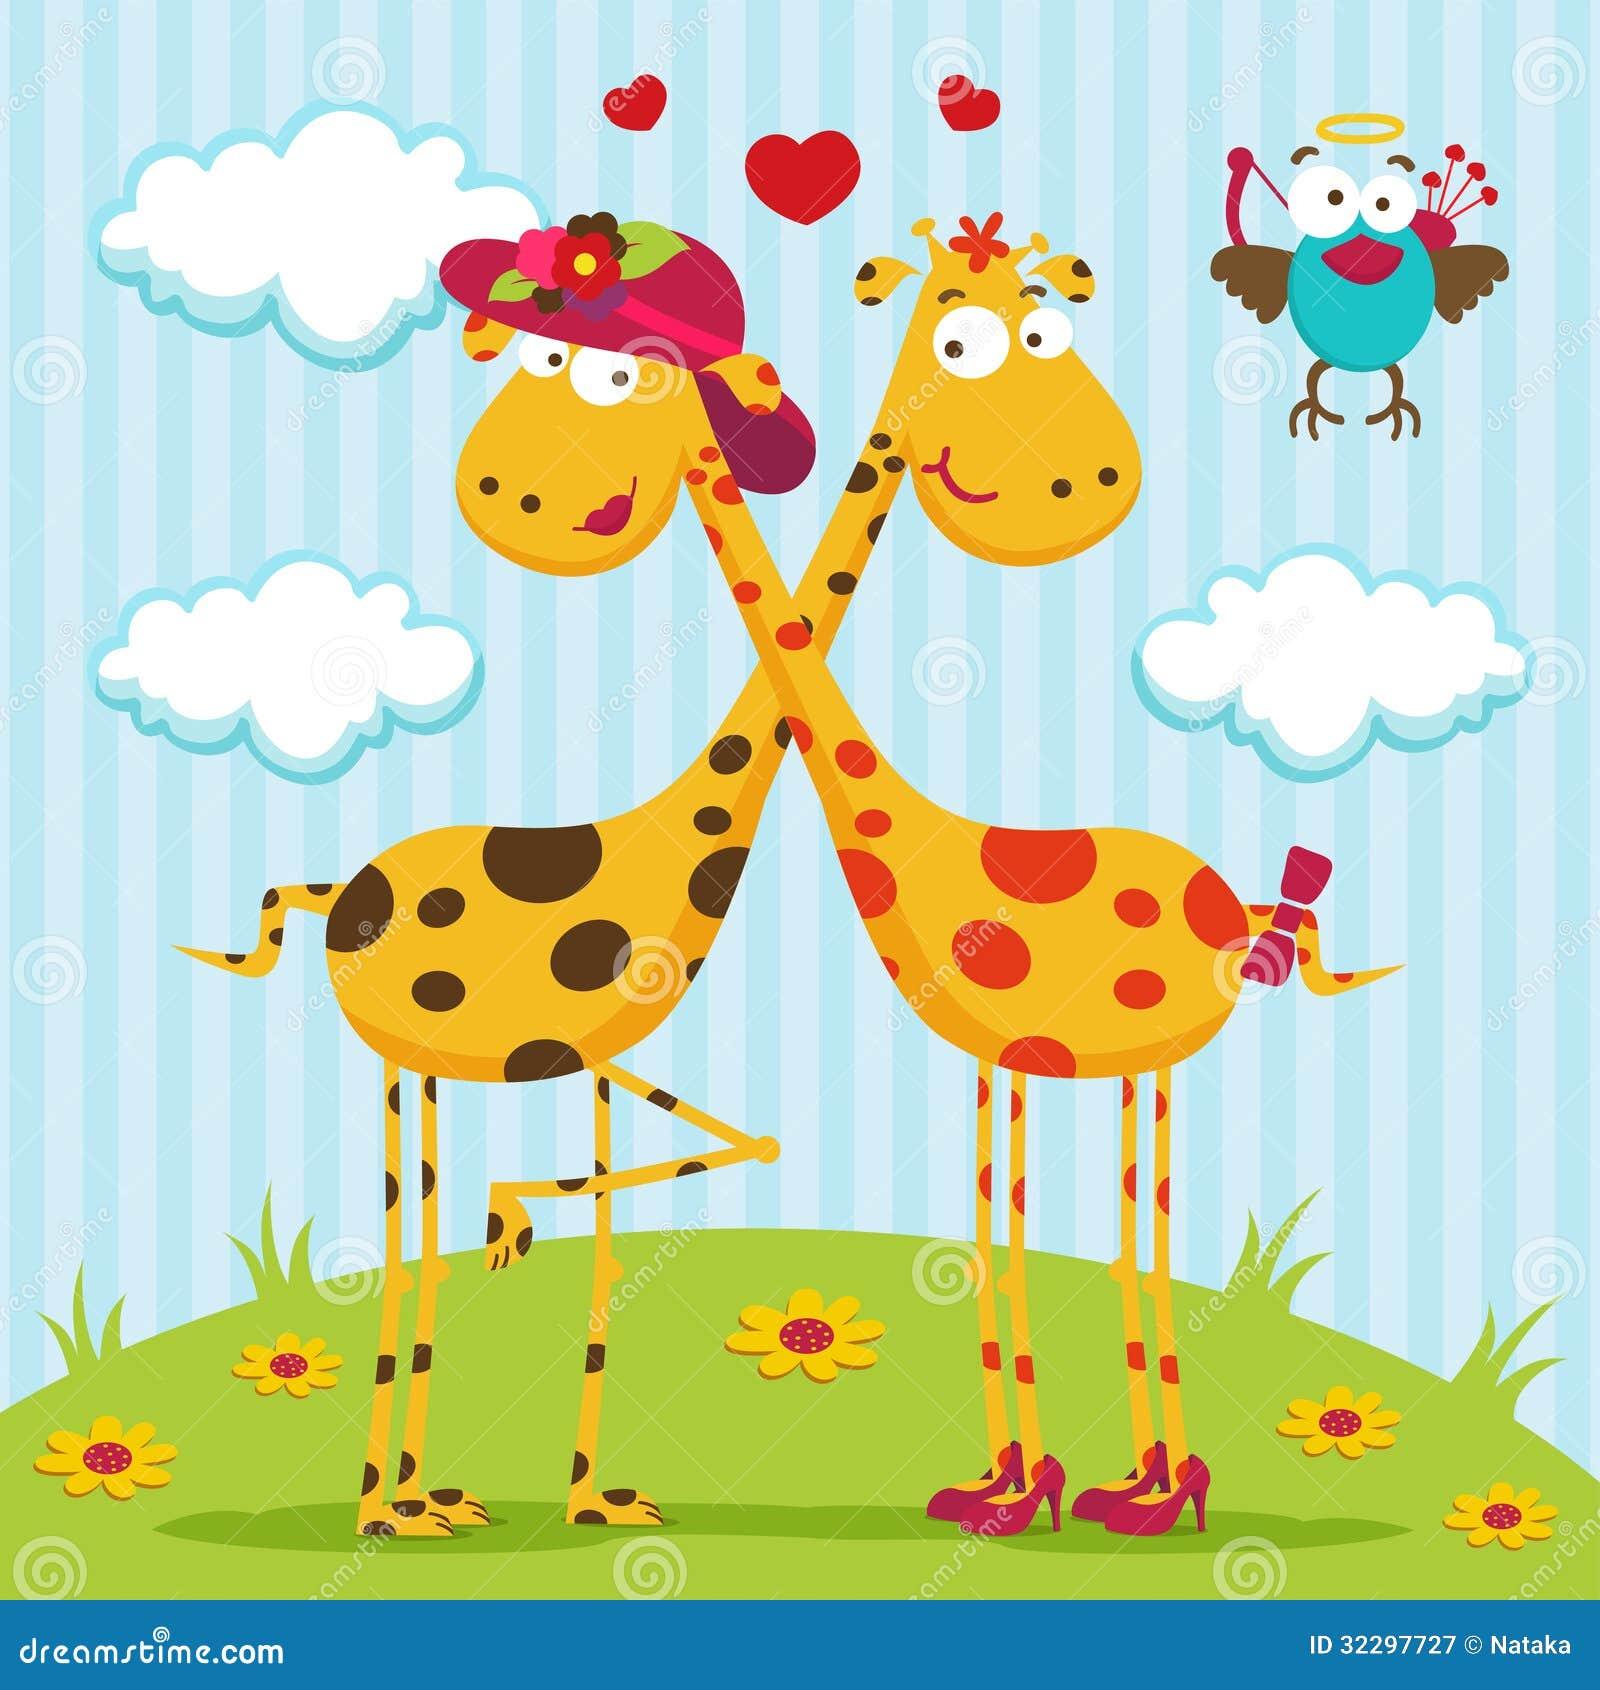 Giraffes boy, girl and bird